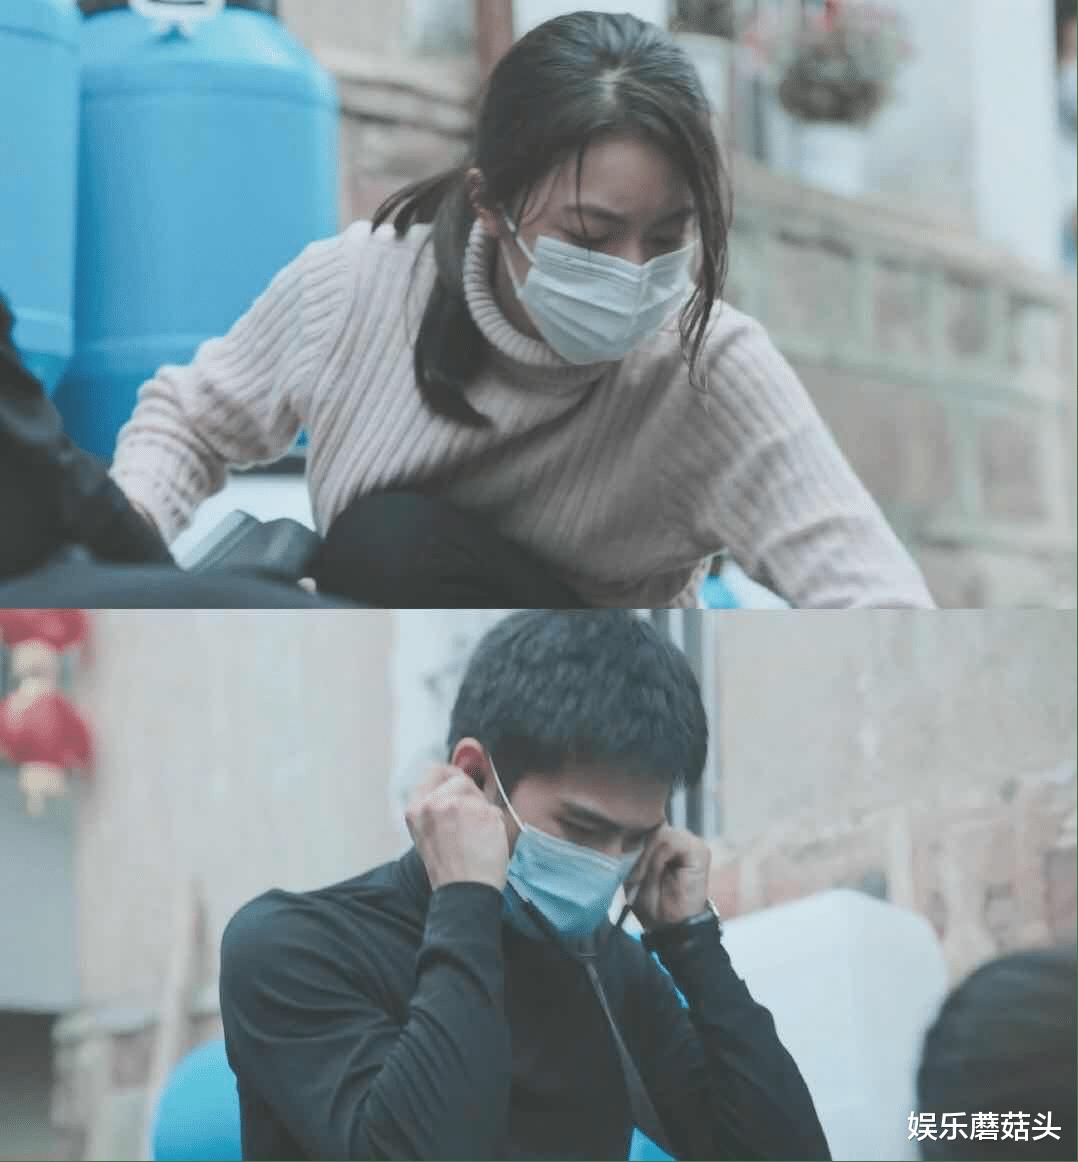 《在一起》同行,楊洋趙今麥被吐槽演得太假,導演也受到質疑-圖4